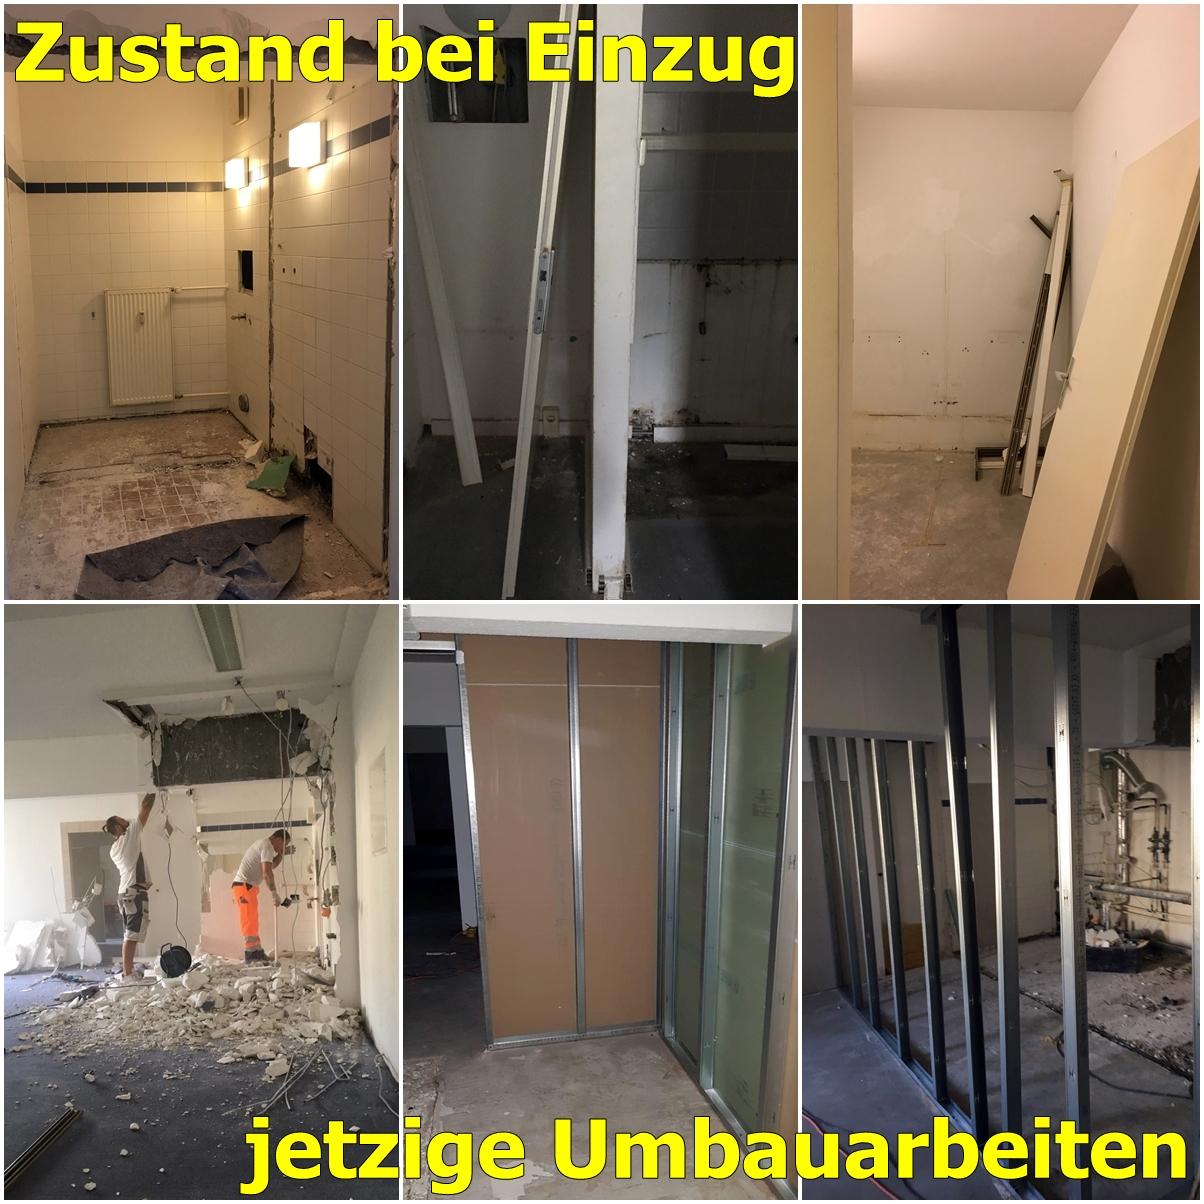 Nachrichten Isl Wiring Diagram Fotocollage Sanierungsarbeiten Fr Das Neue Bro C Ev